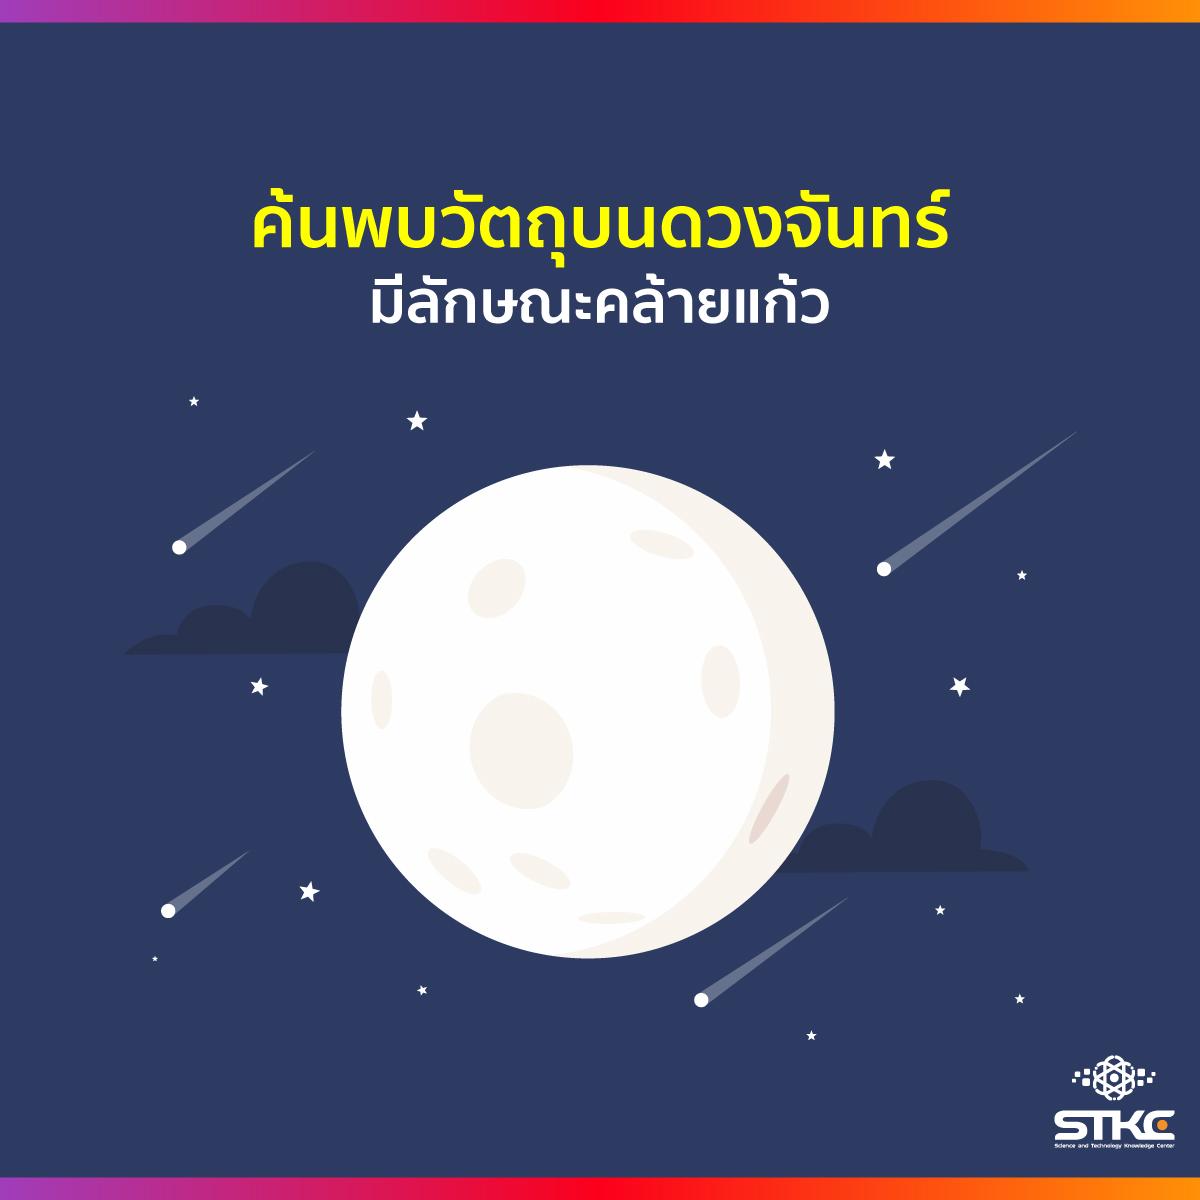 ค้นพบวัตถุบนดวงจันทร์ มีลักษณะคล้ายแก้ว